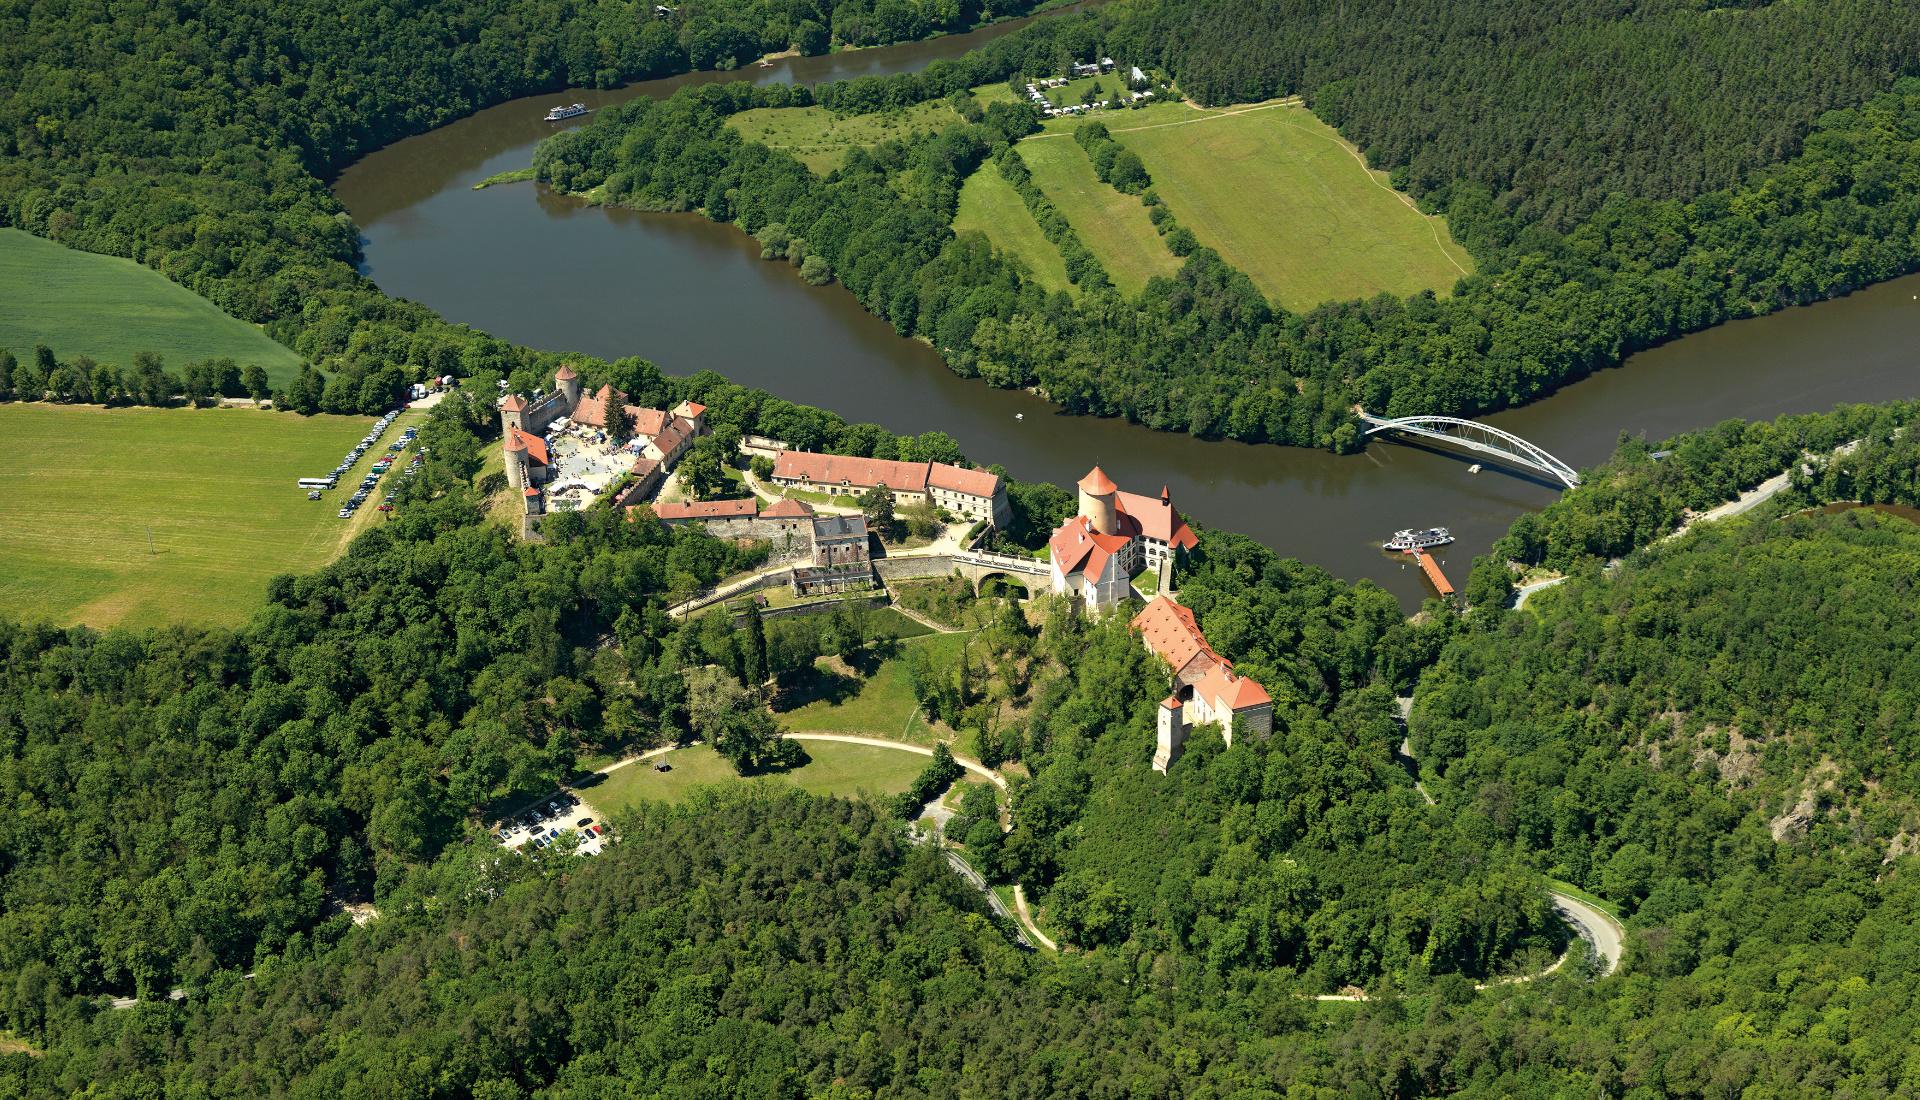 Hrad Veveří - Letecká velkoplošná fotografie